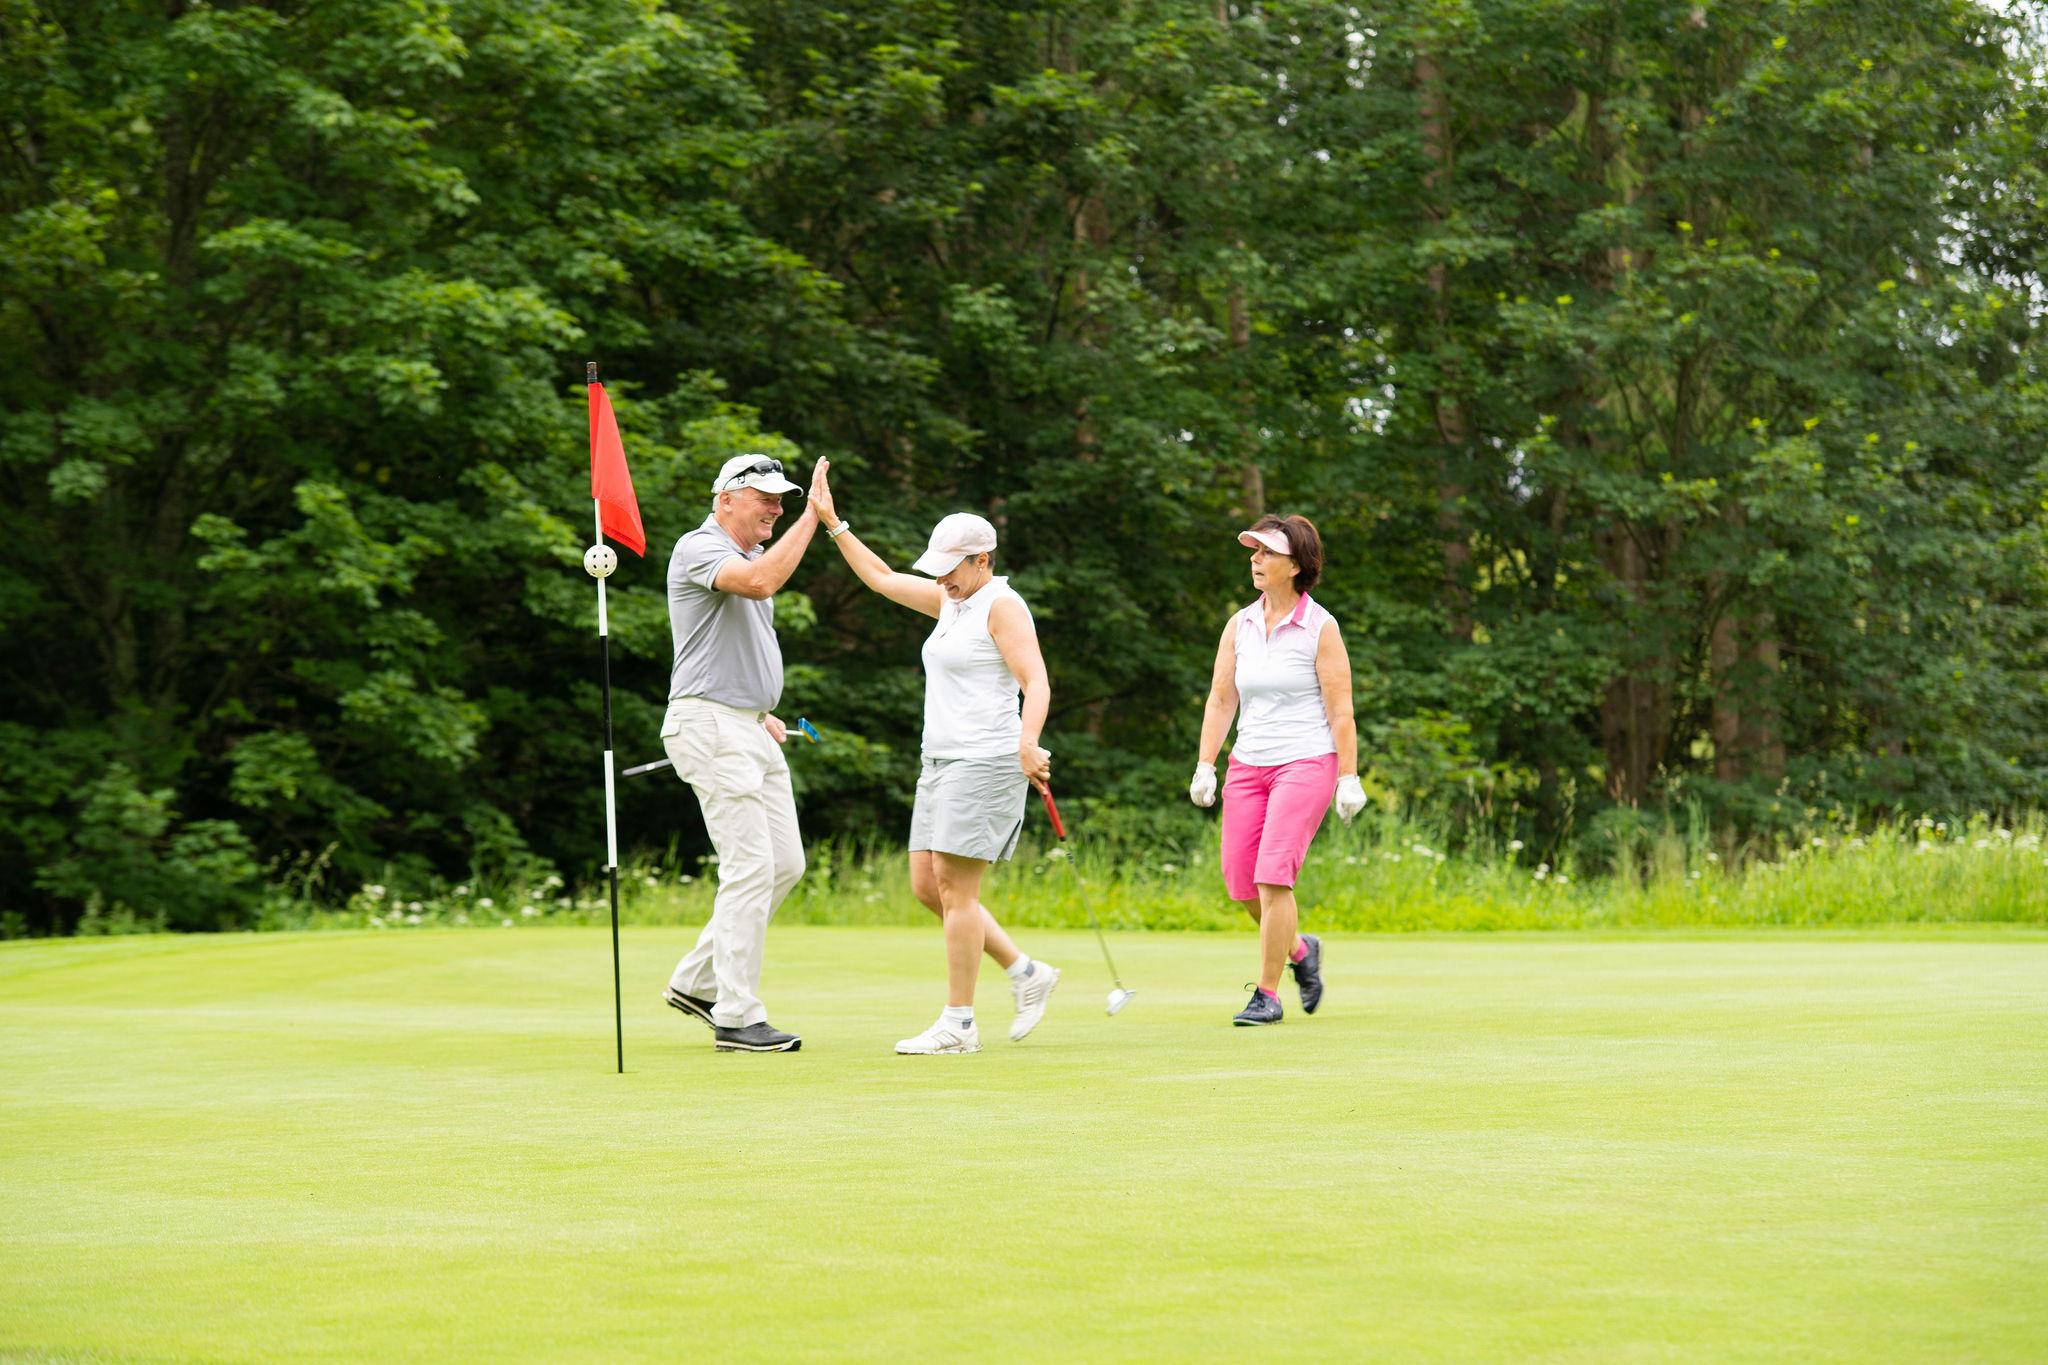 Golf DGV Platzreife